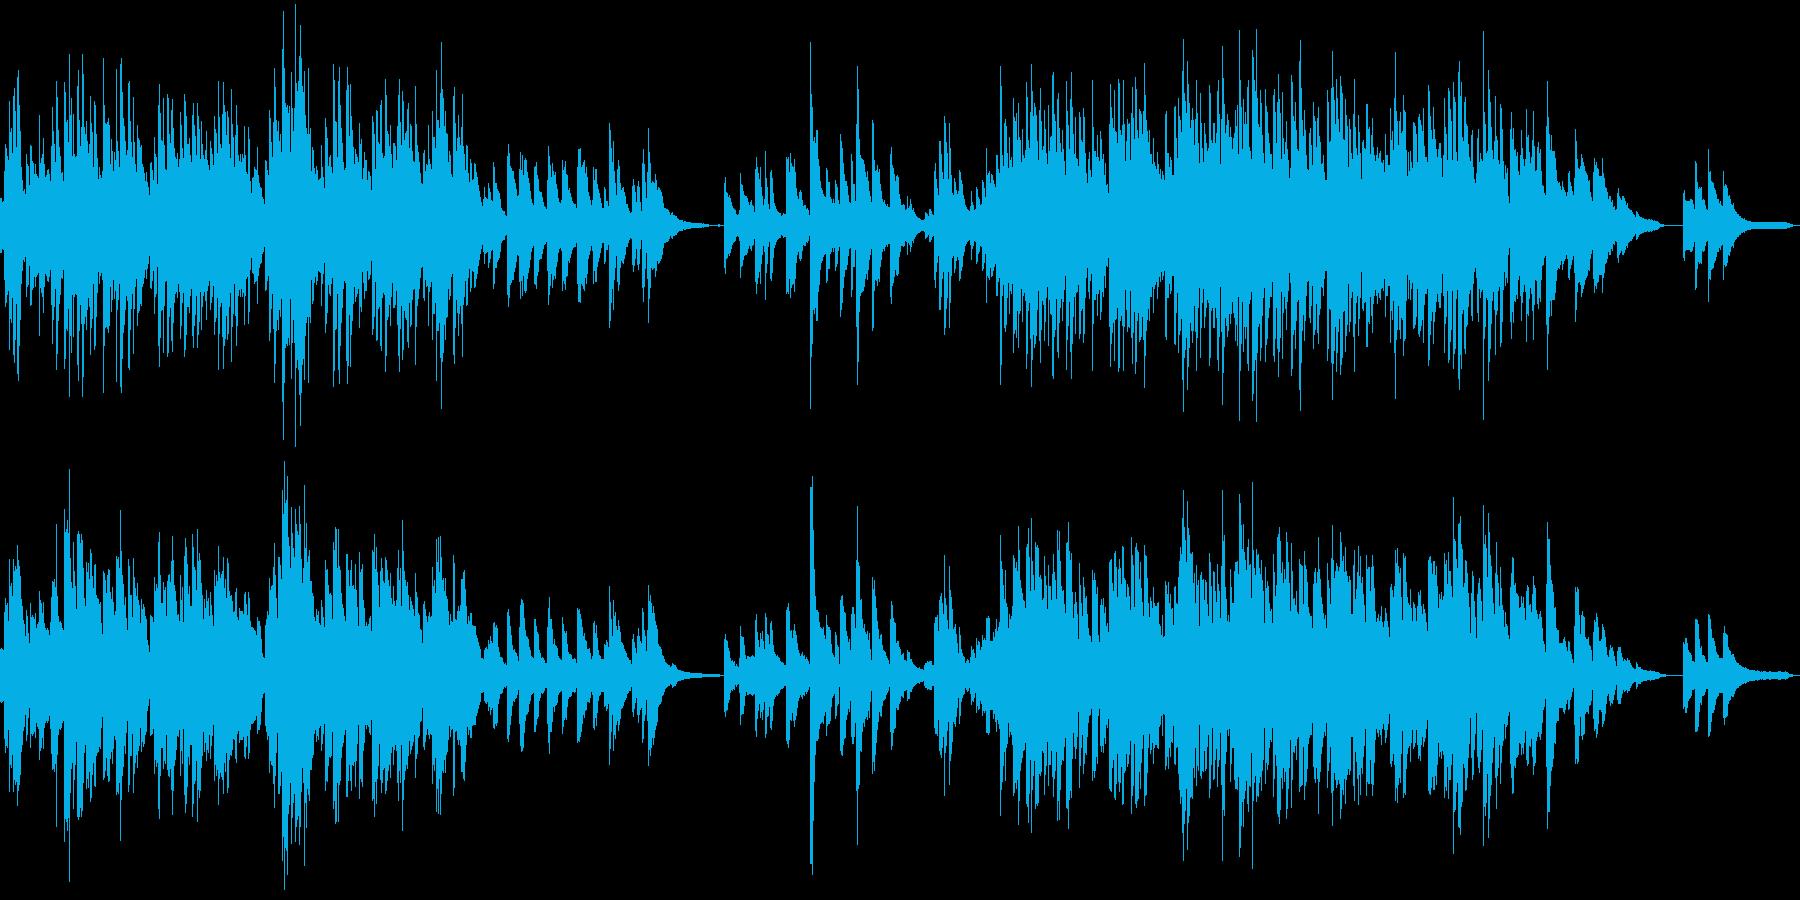 海の情景が浮かぶようなピアノ曲の再生済みの波形